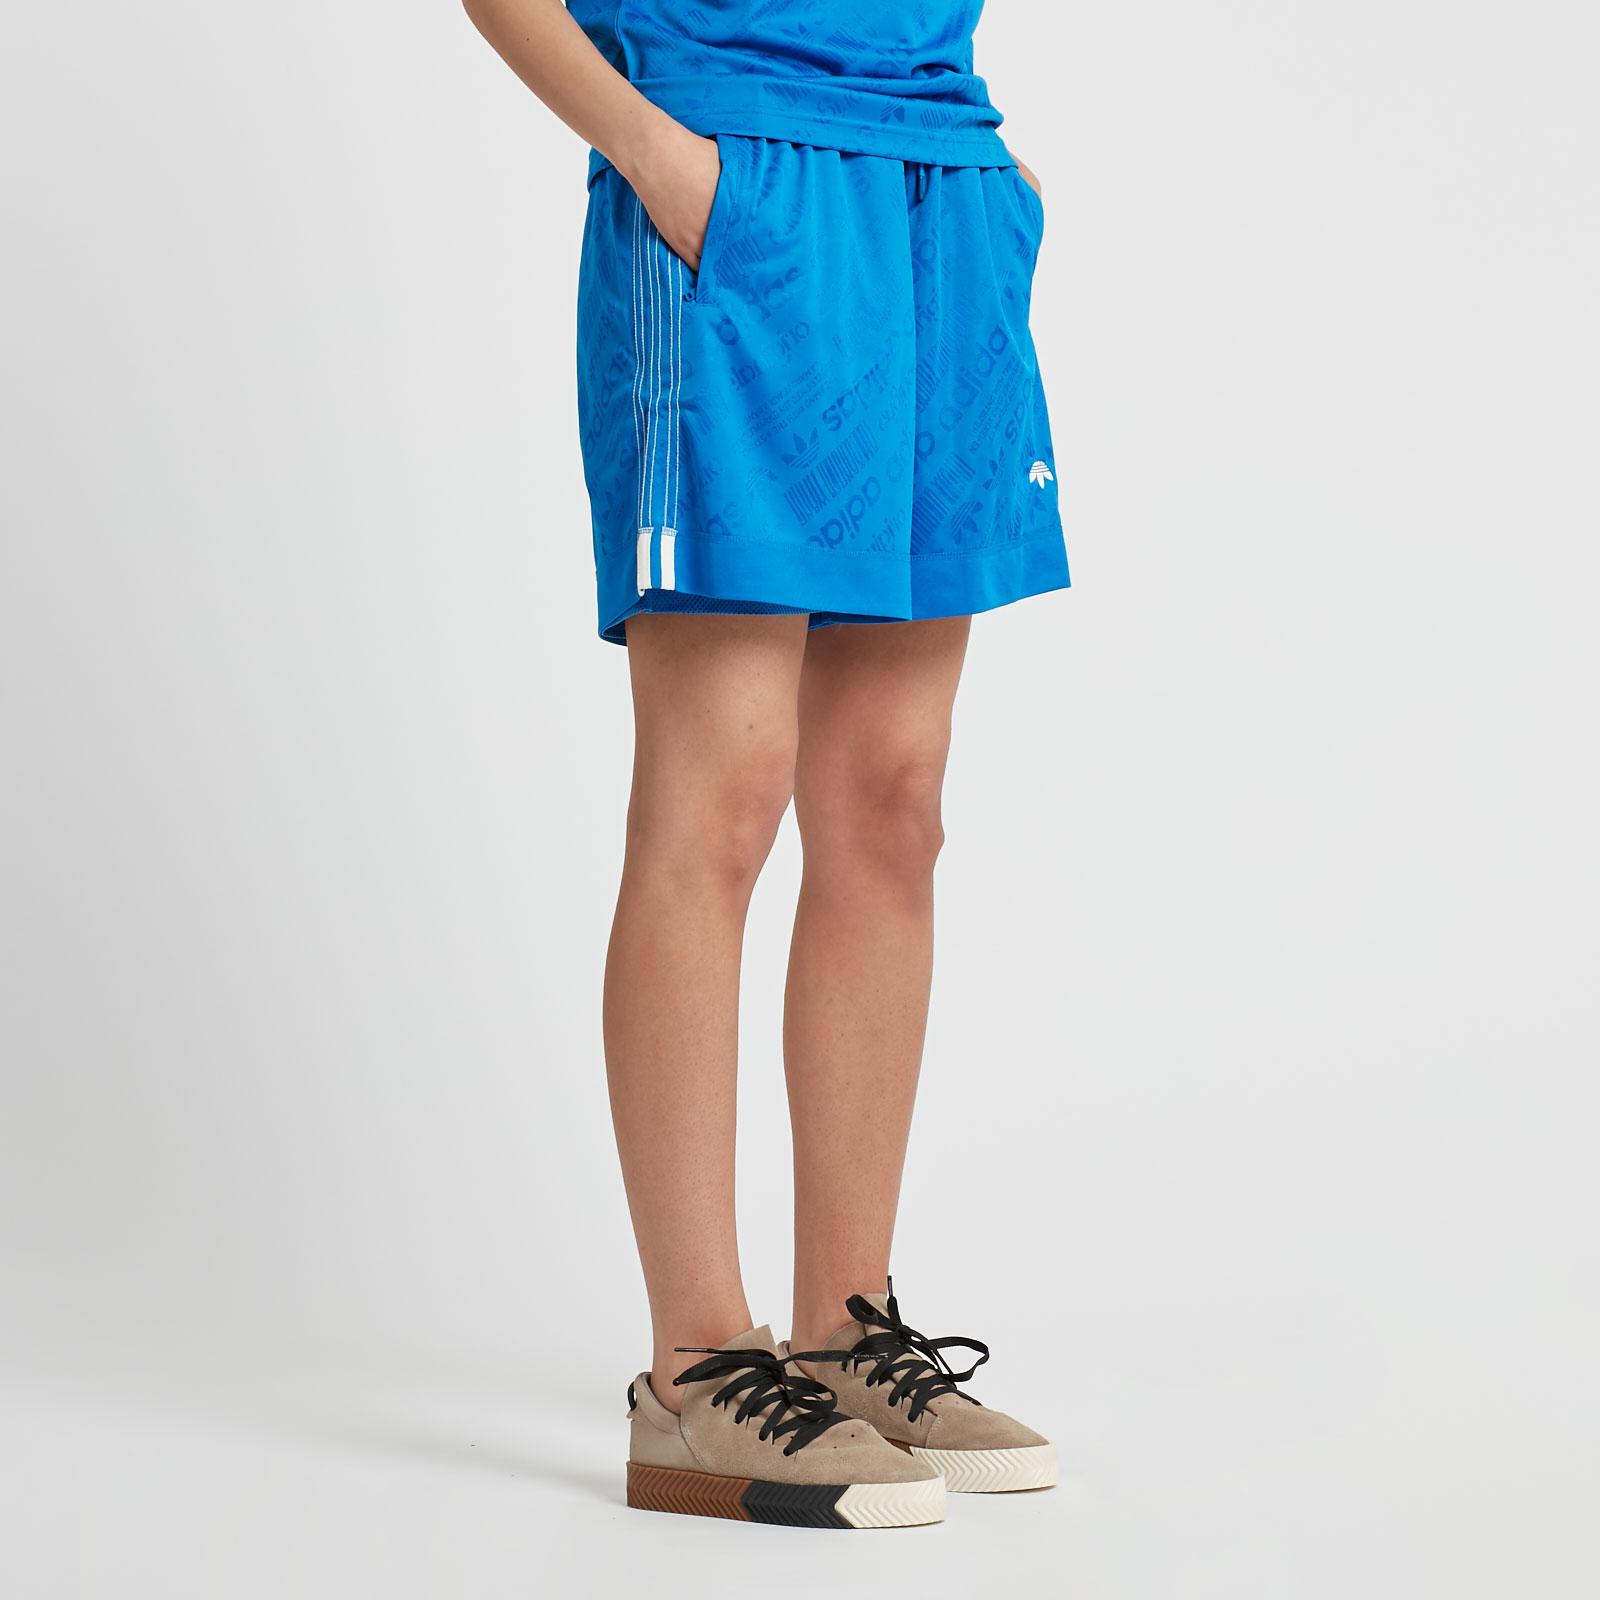 alexander wang x adidas shorts